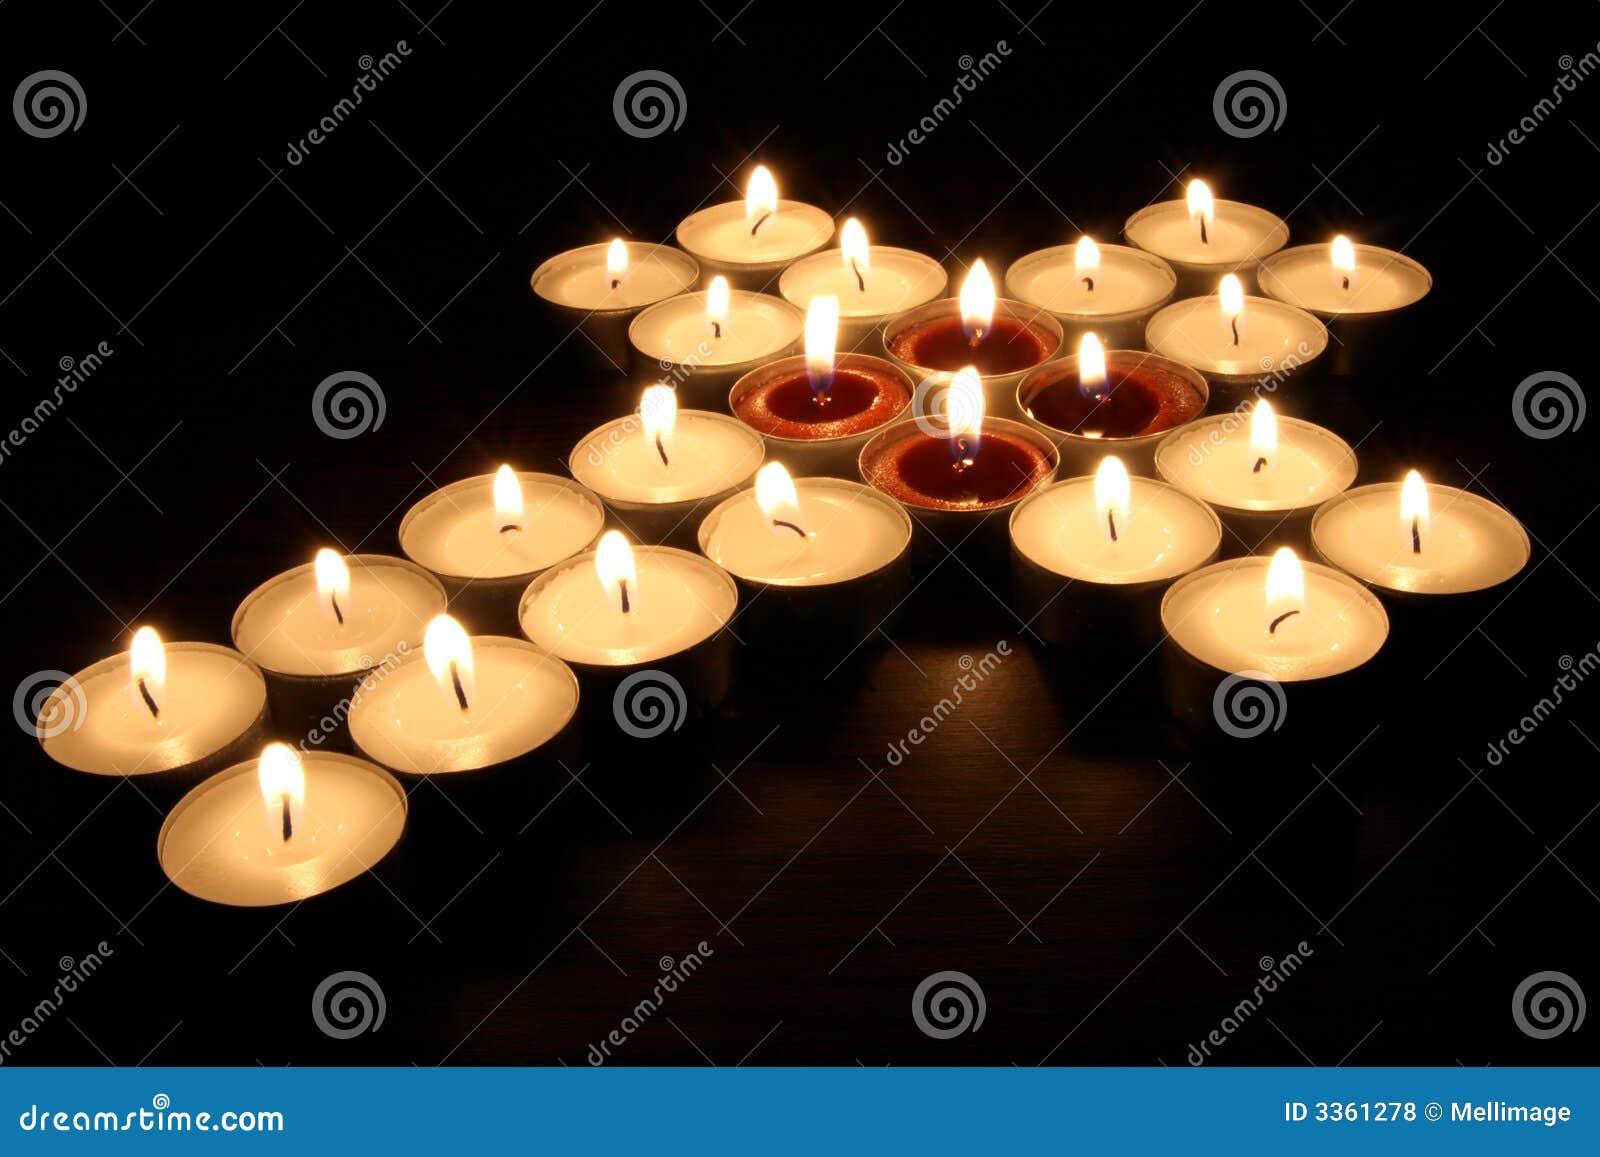 蜡烛交叉光做红色茶白色.